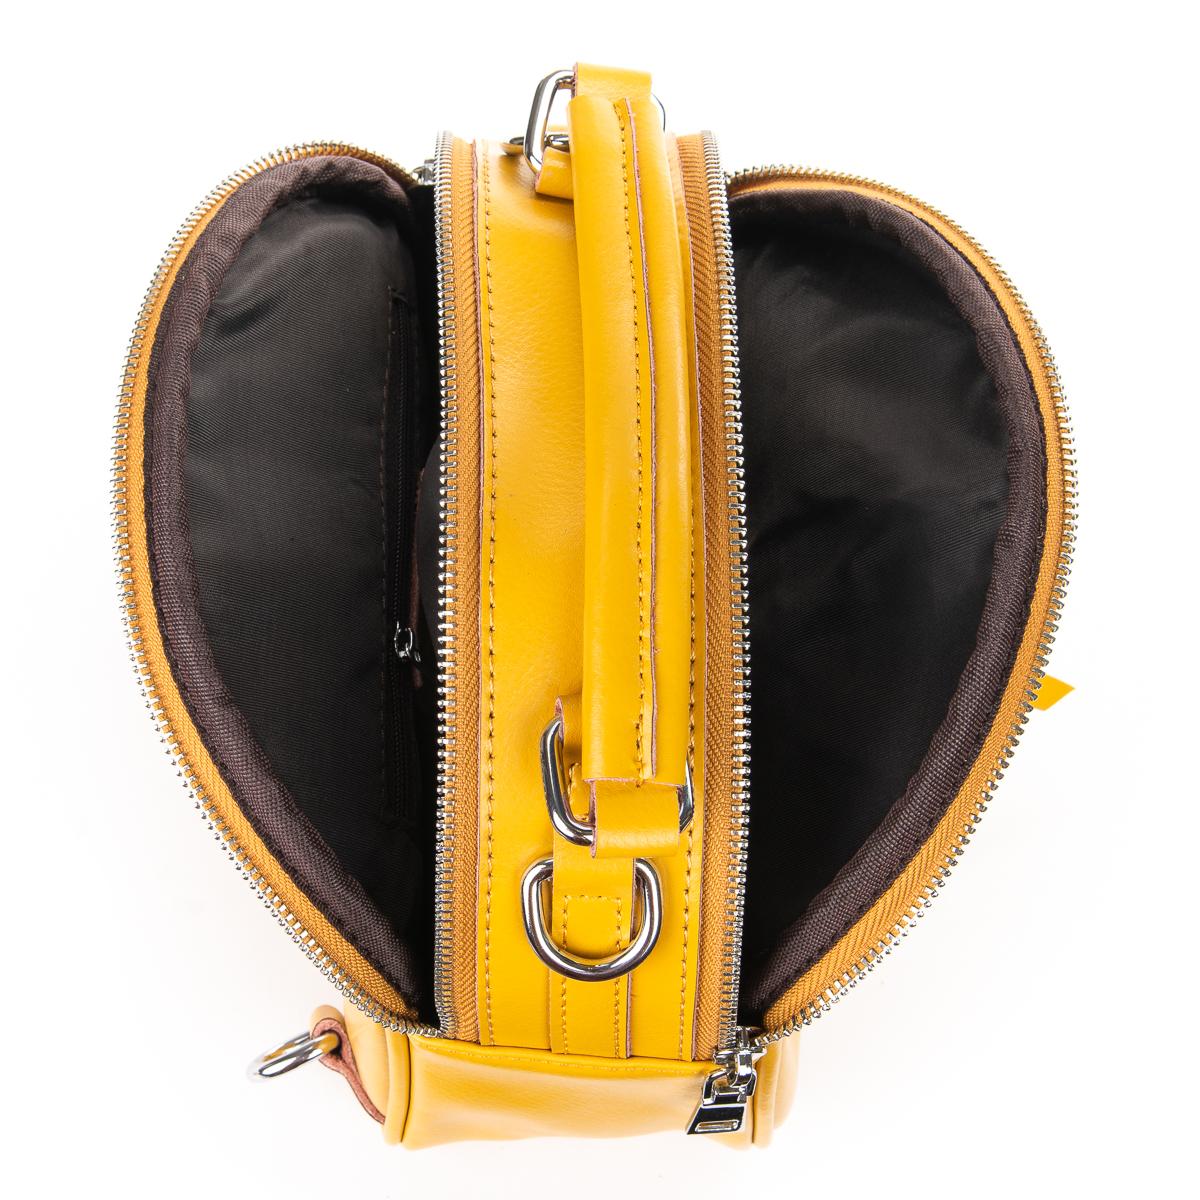 Сумка Женская Клатч кожа ALEX RAI 010-1 339 yellow - фото 5